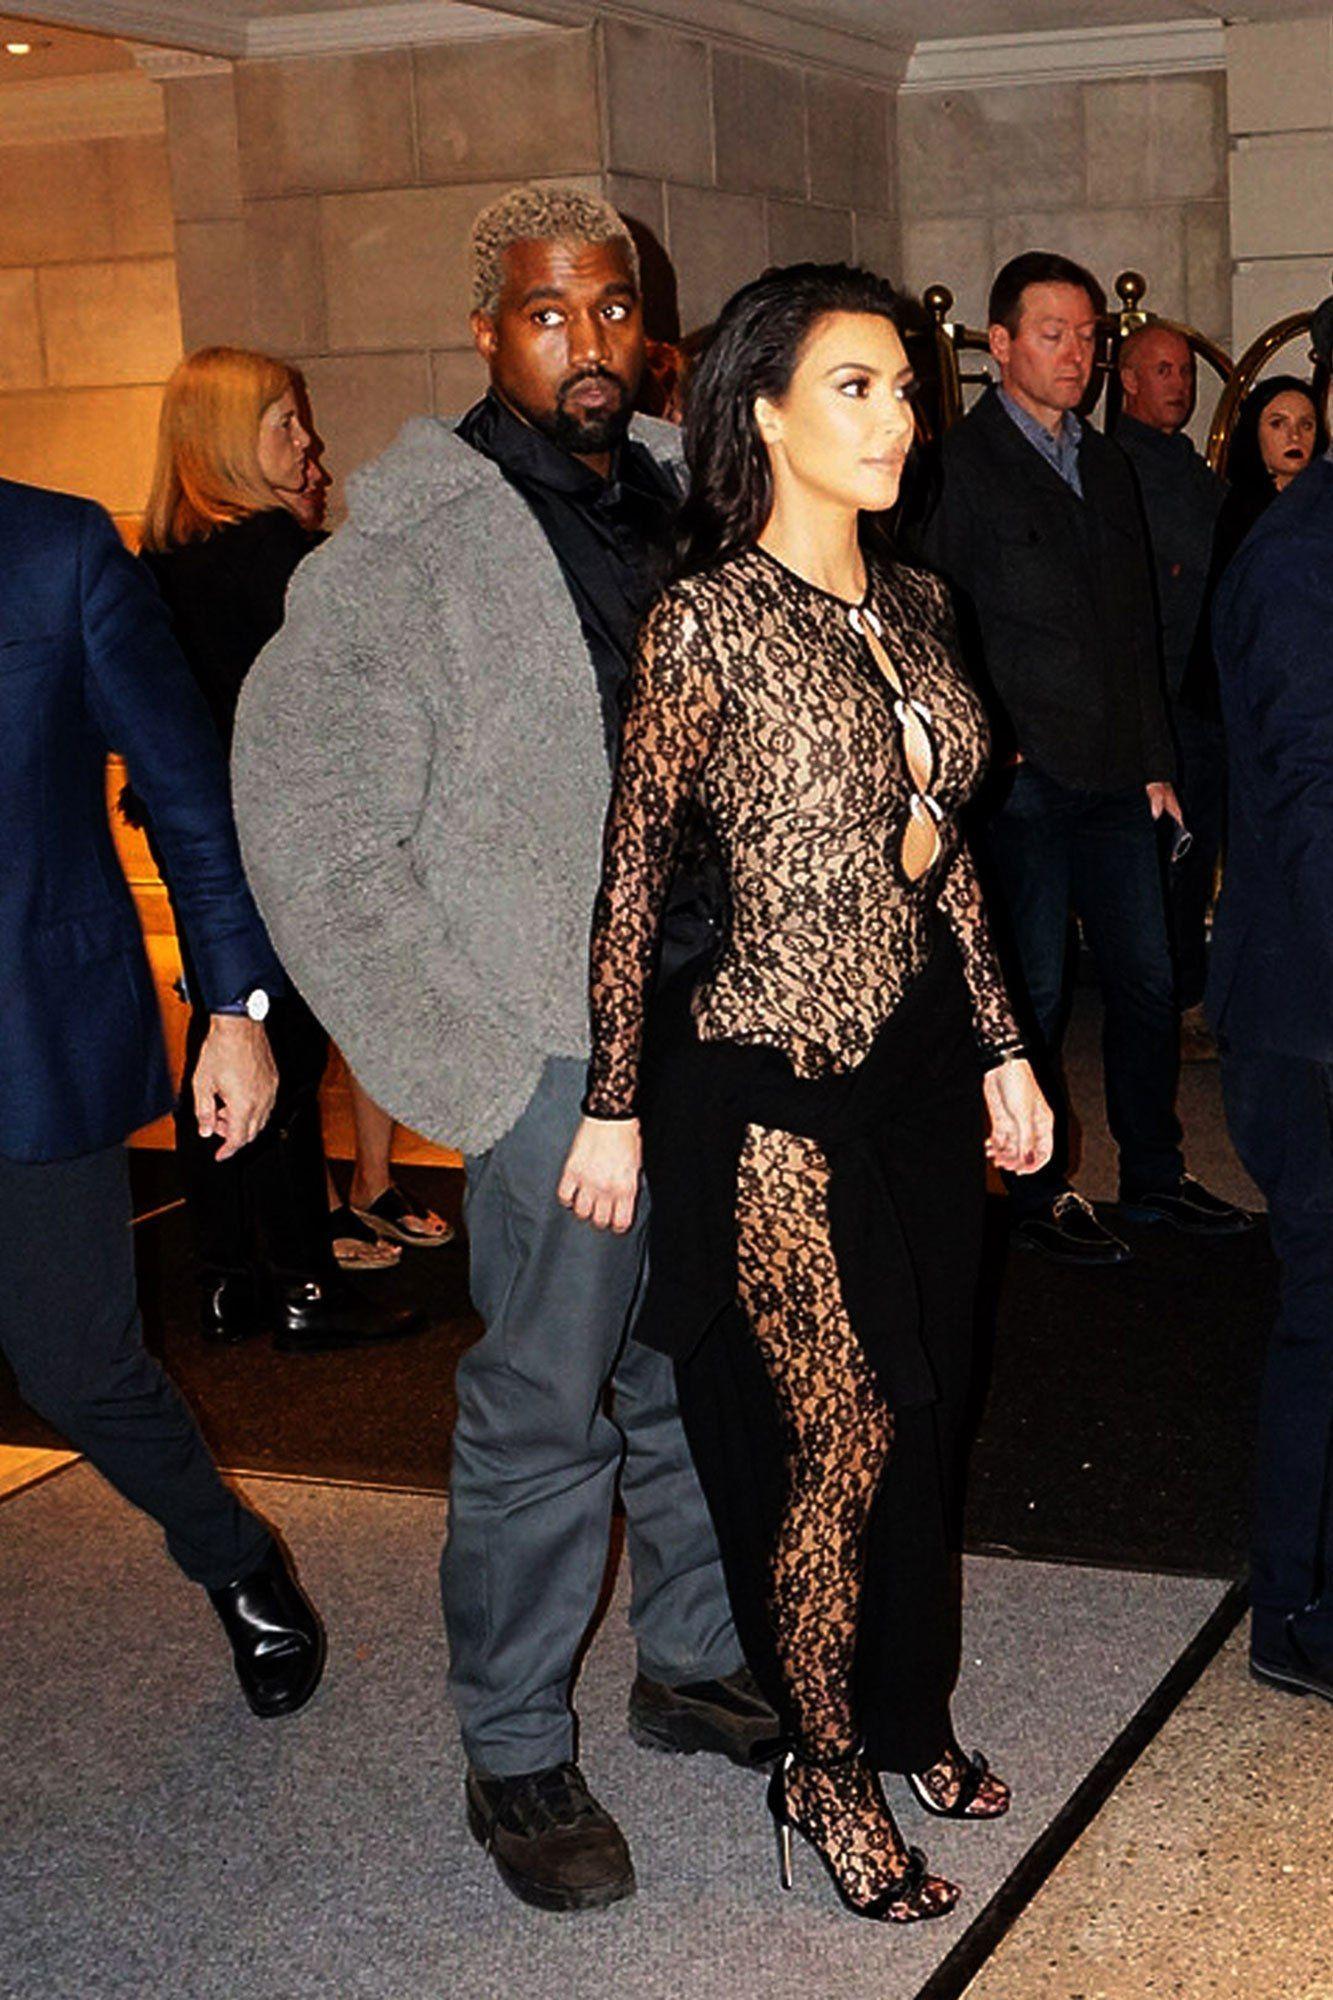 Kim Kardashian And Kanye West Celebrate John Legend S Birthday With Chrissy Teigen Kim Kardashian Kanye West Kim Kardashian Sheer Kim And Kanye